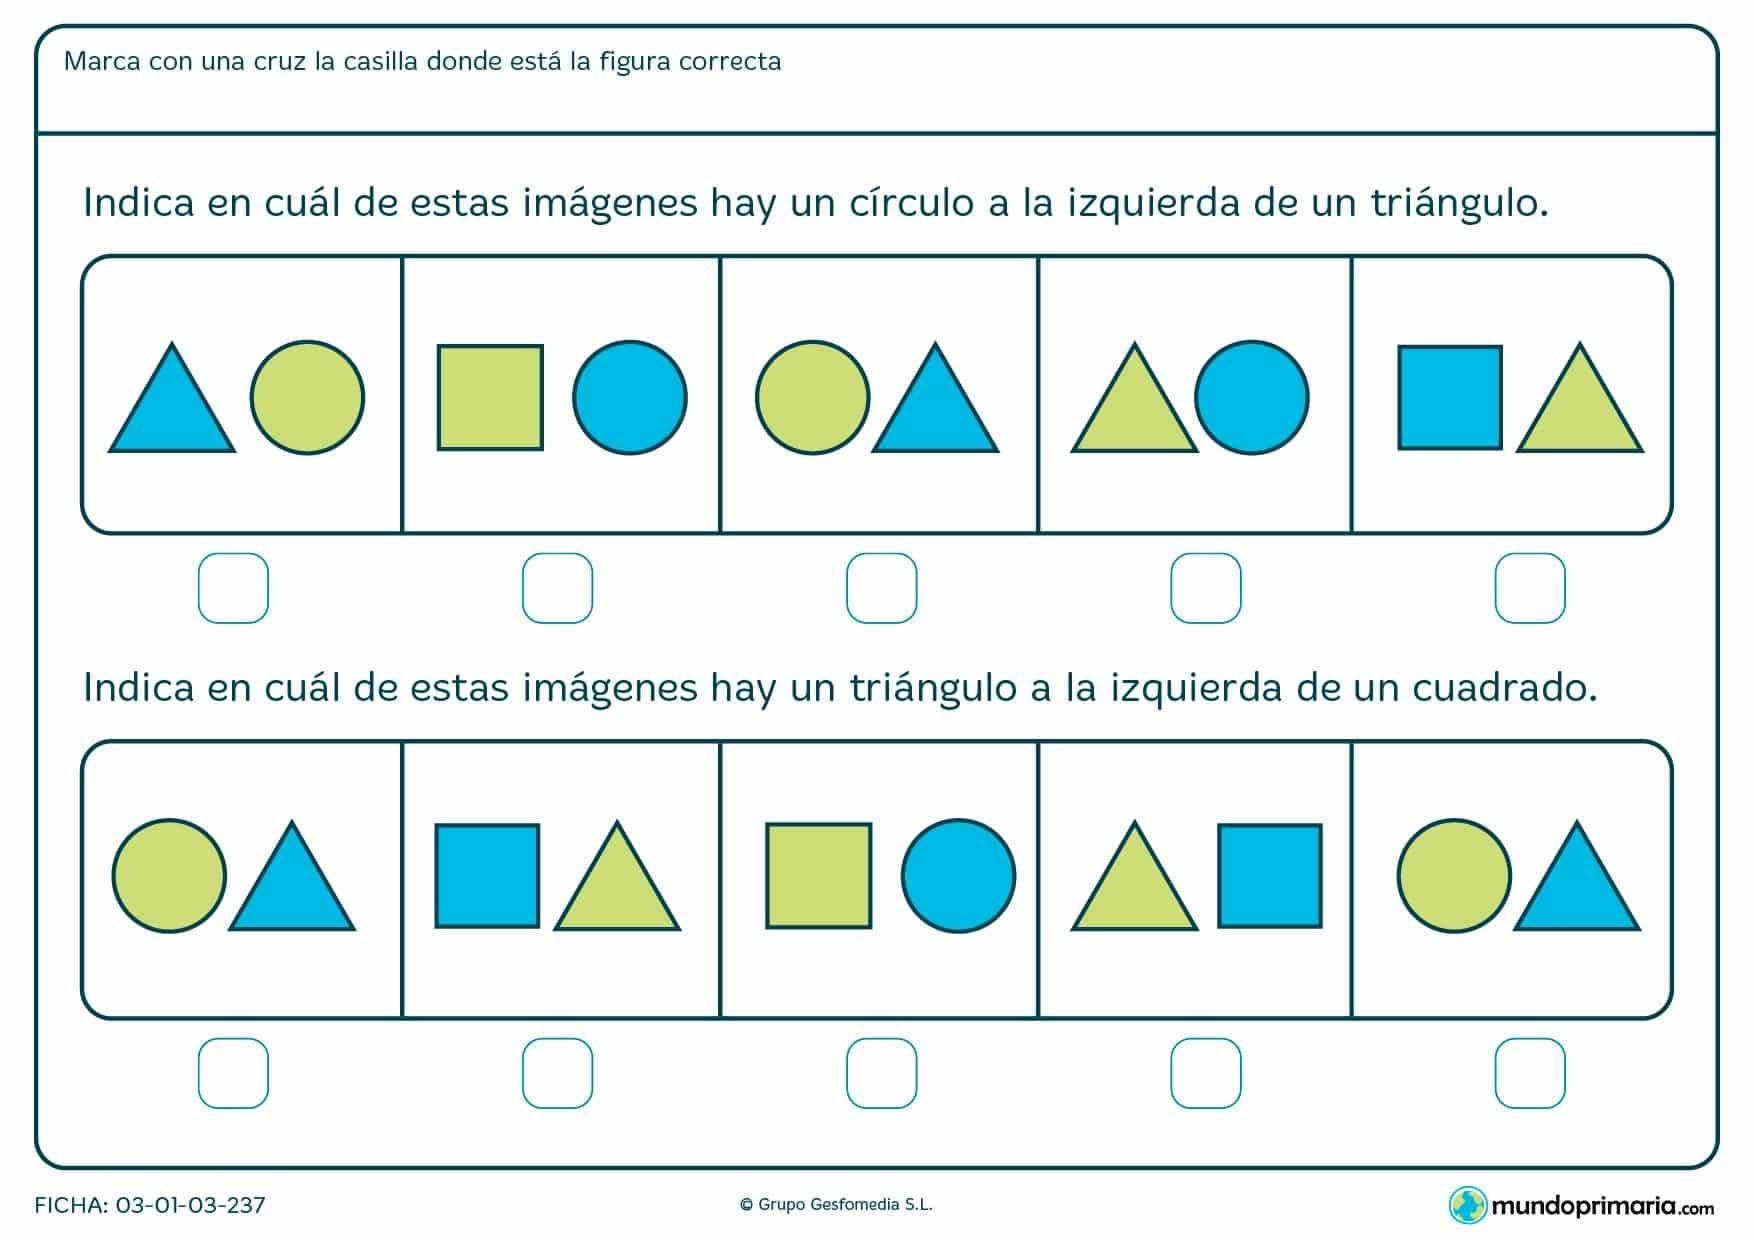 Ficha de identificar círculos, triángulos y posición en la que hay que marcar las casilla que tenga la imagen correspondiente al enunciado.